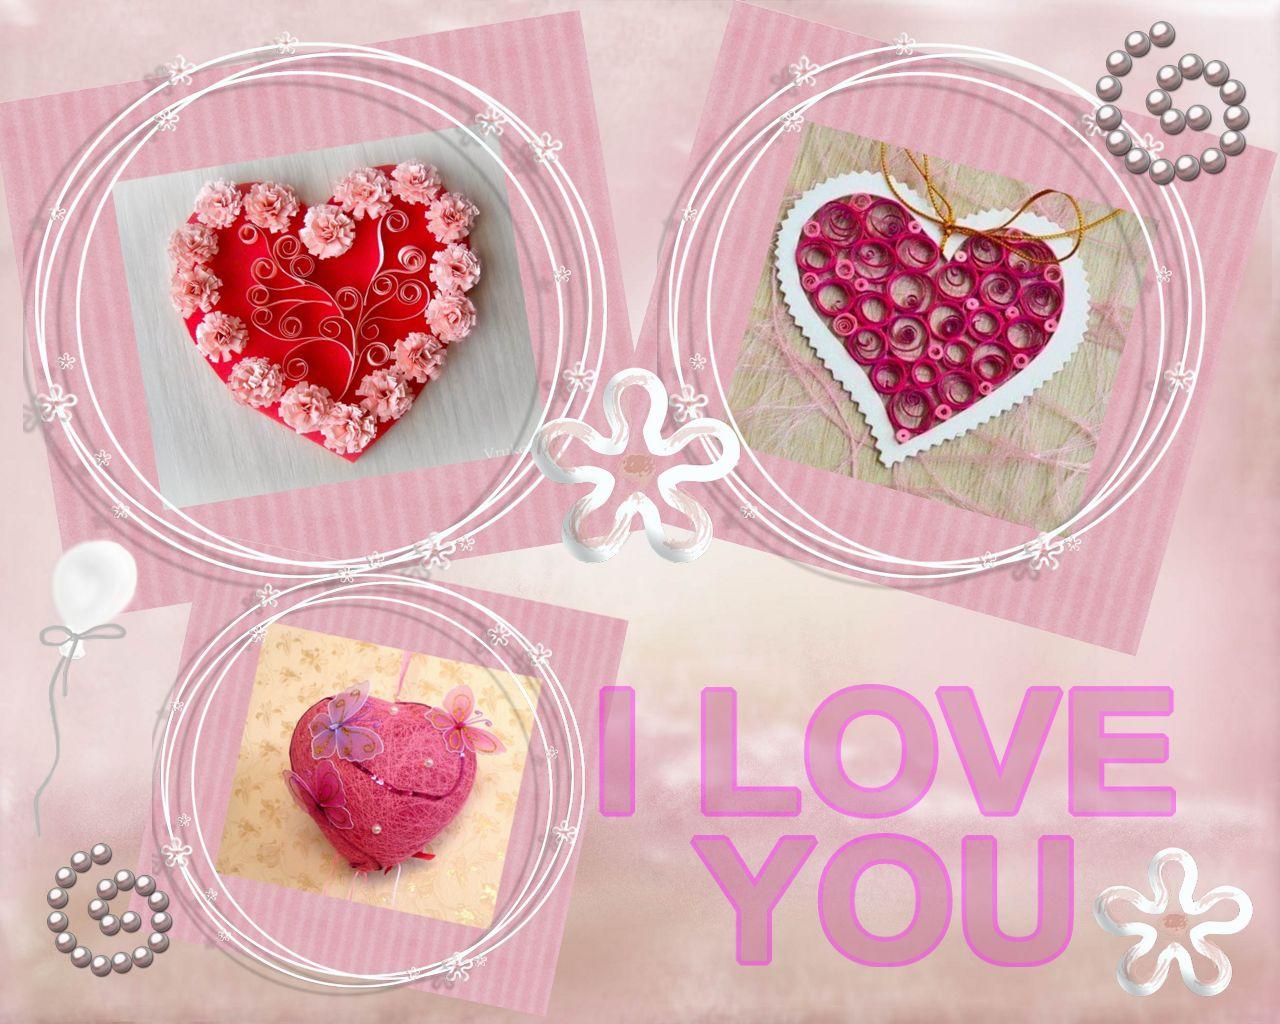 126 Поделка — валентинка своими руками из бумаги, ткани: шаблоны, выкроки. Как сделать красивую валентинку своими руками маме, парню, в школу?